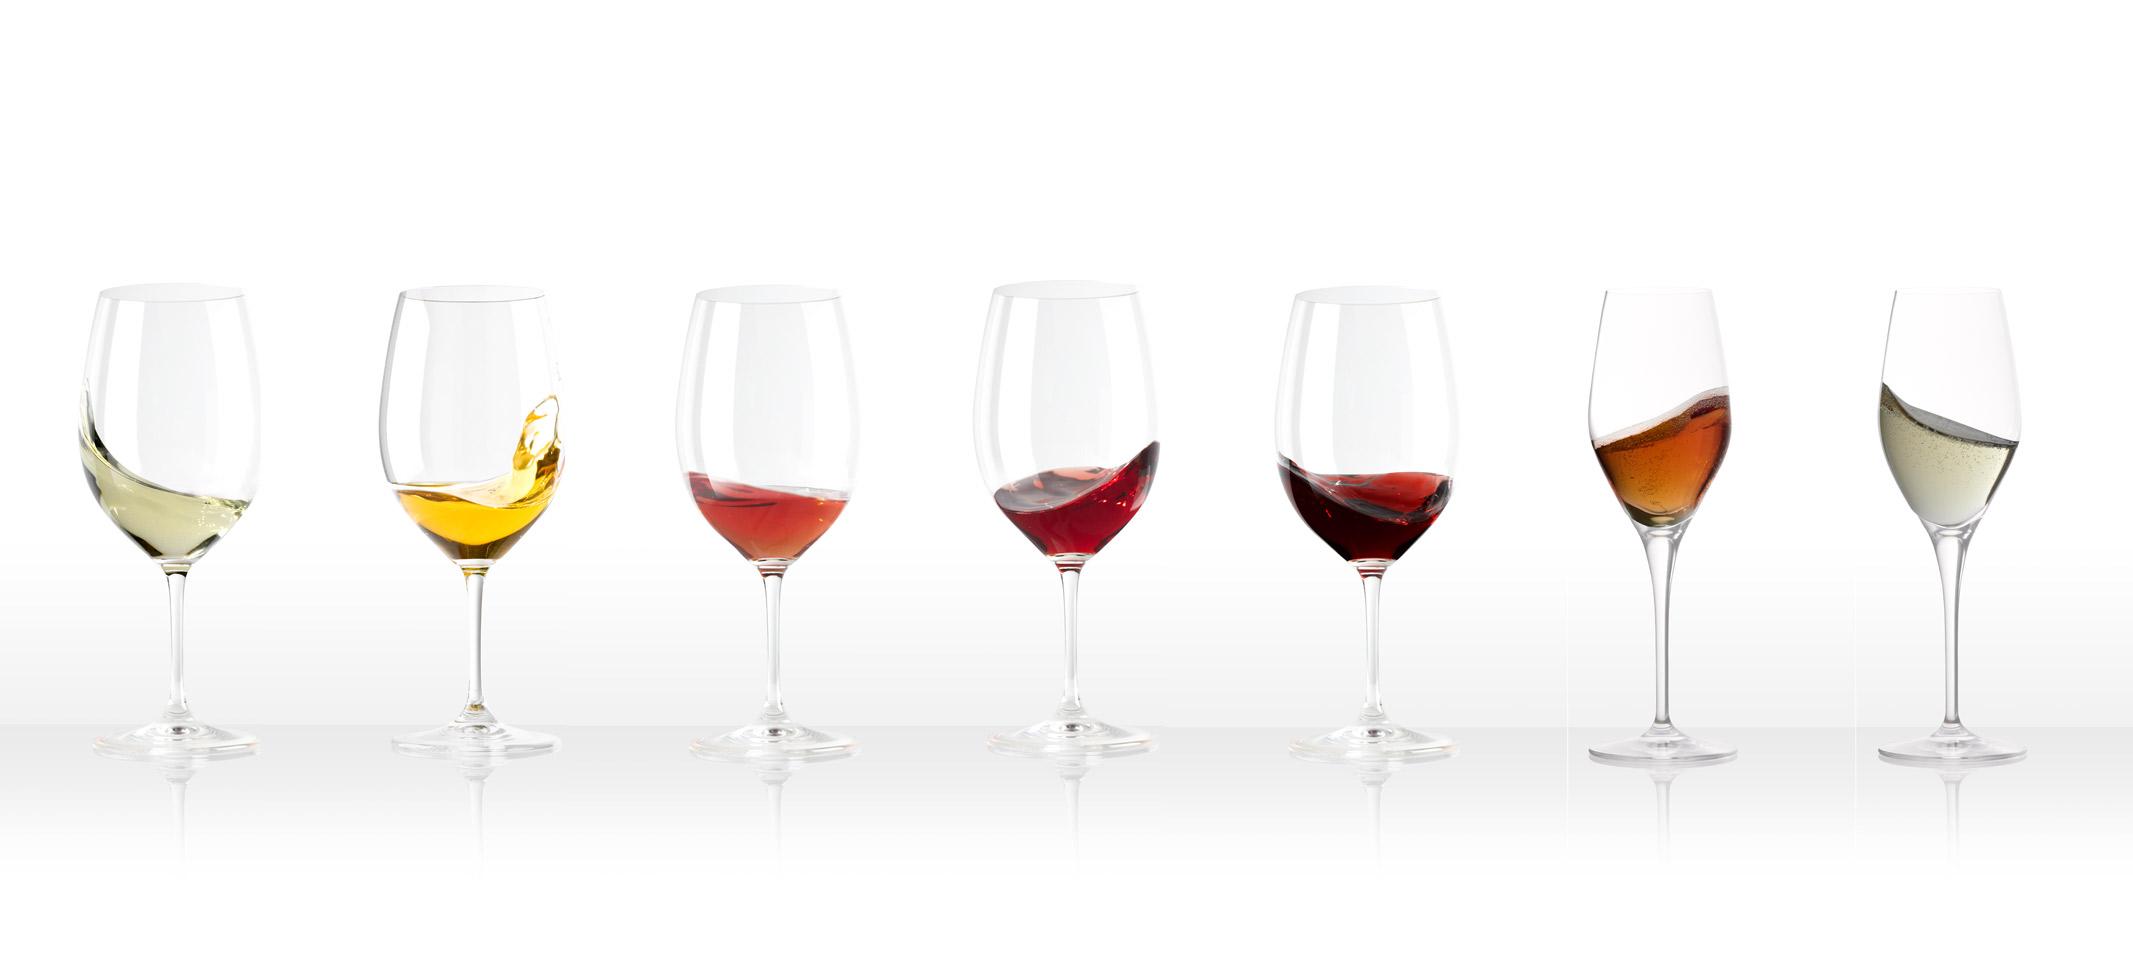 J'ai dégusté de bons vins achetés en ligne grâce à achat-vin.fr